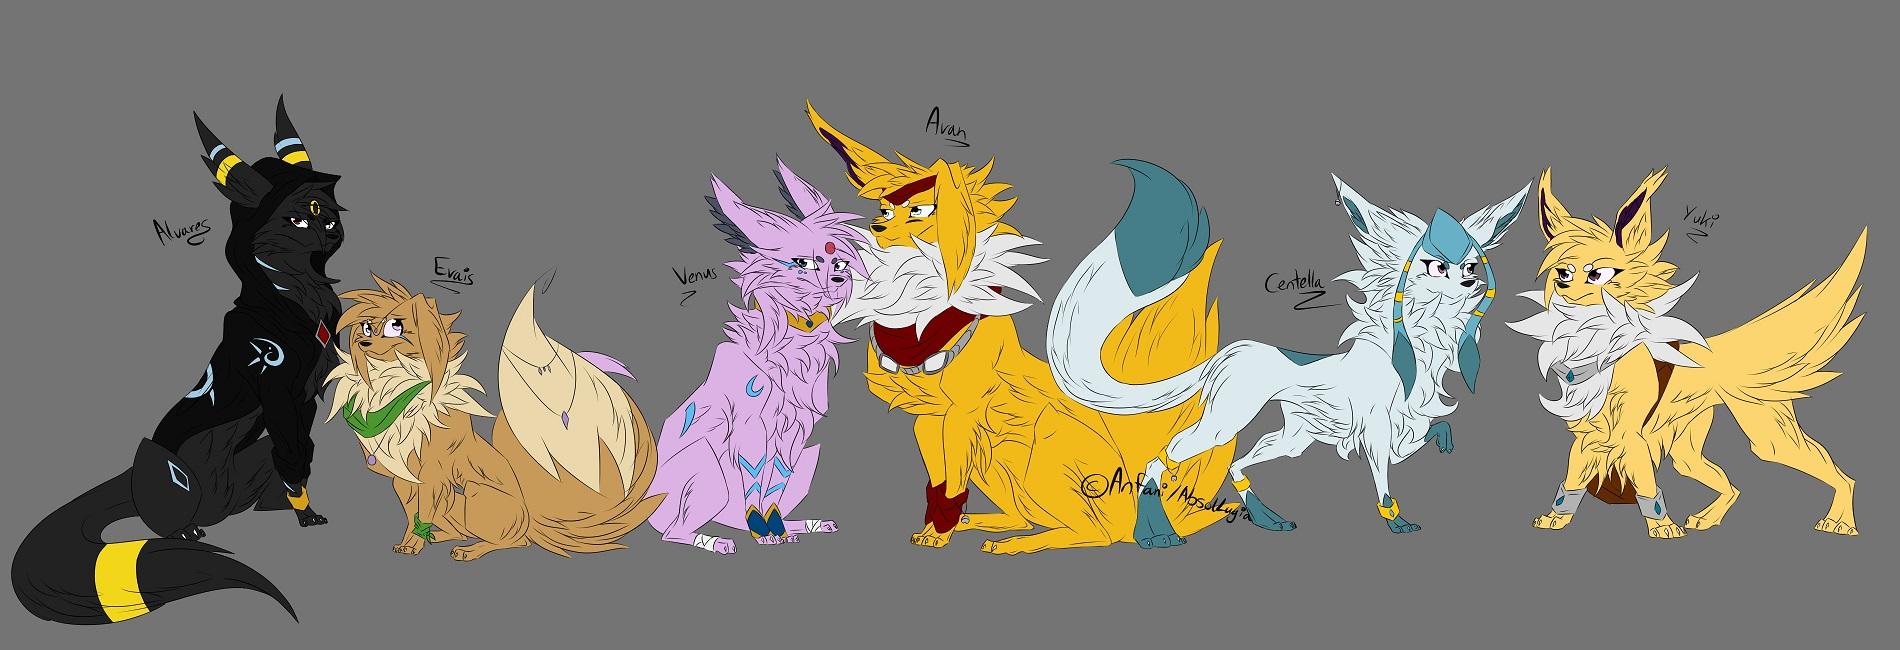 Pokémon-Zeichnung: Eeveelution Familie